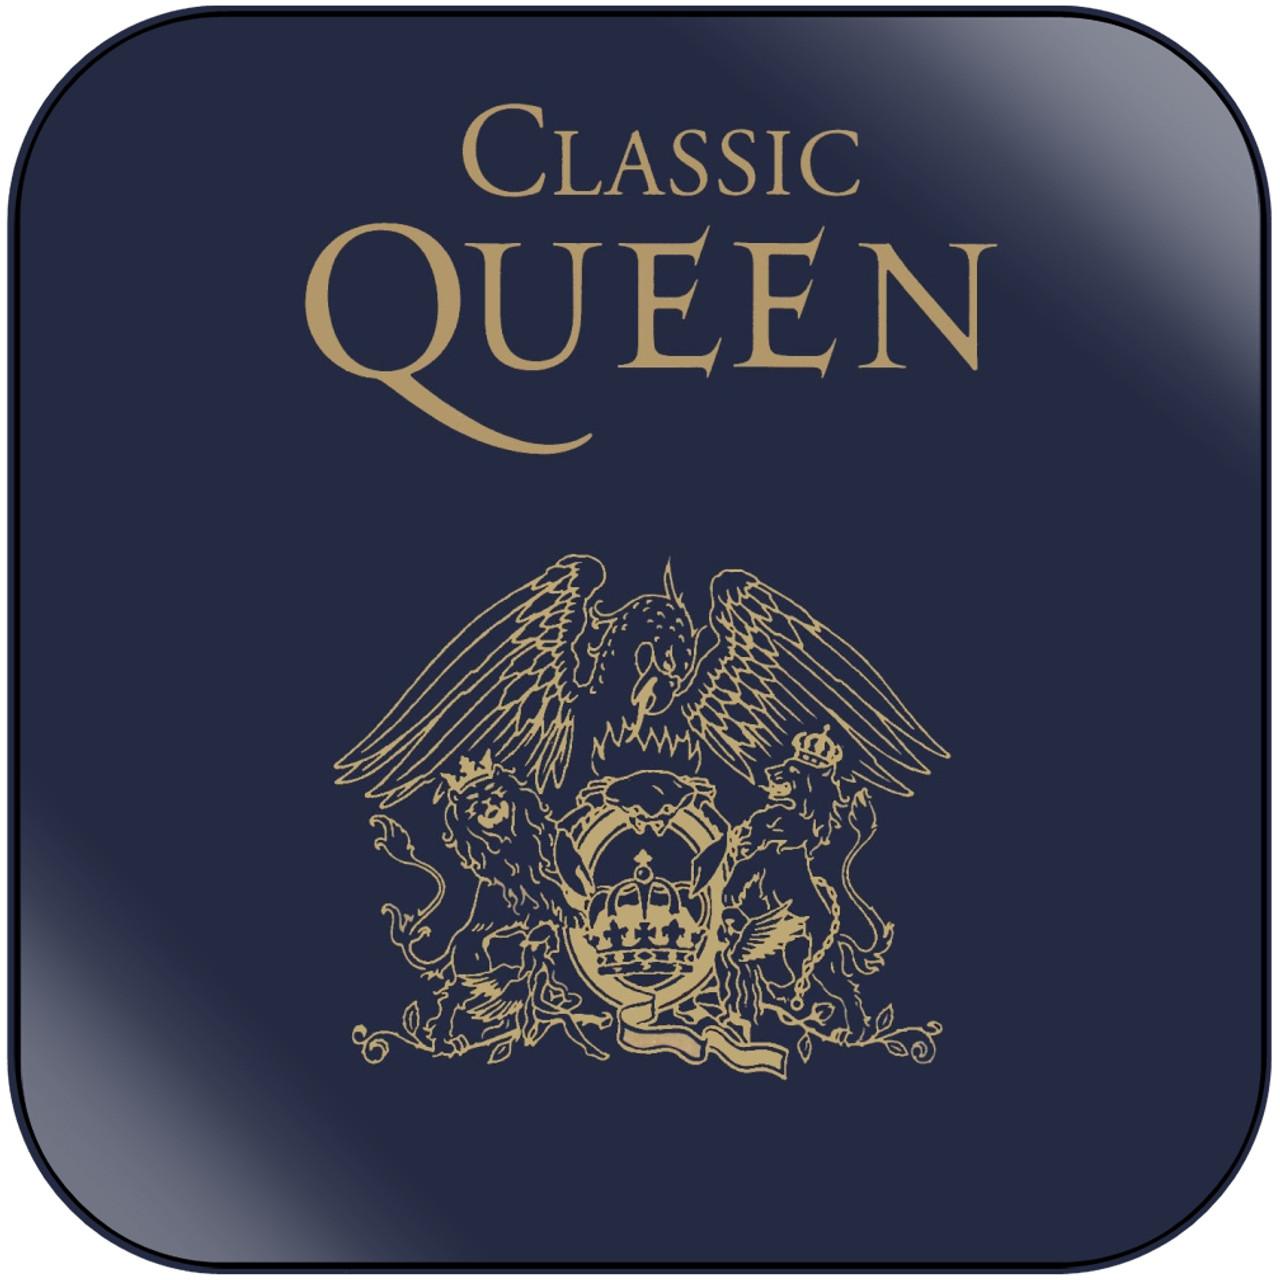 Queen - Classic Queen Album Cover Sticker Album Cover Sticker